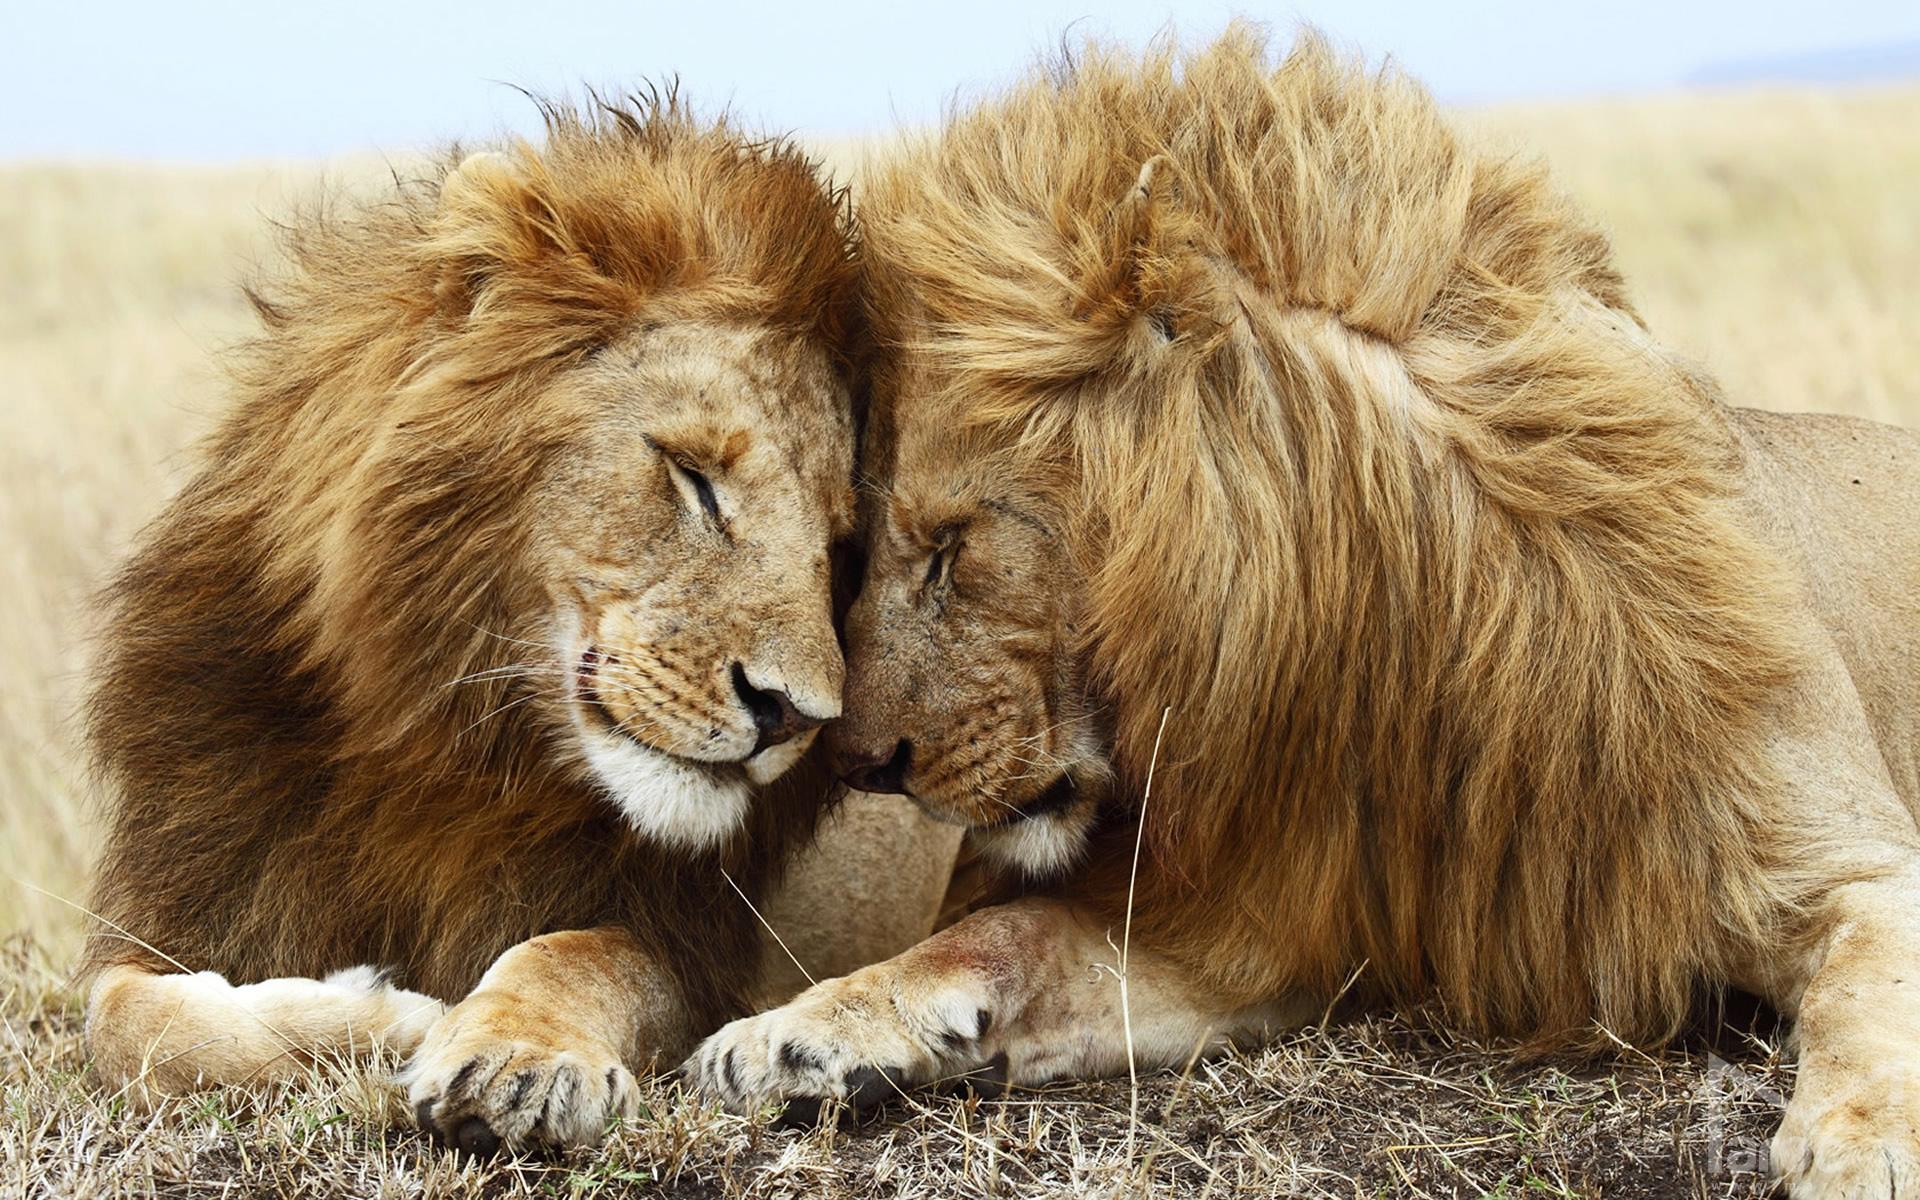 Lions Cuddle